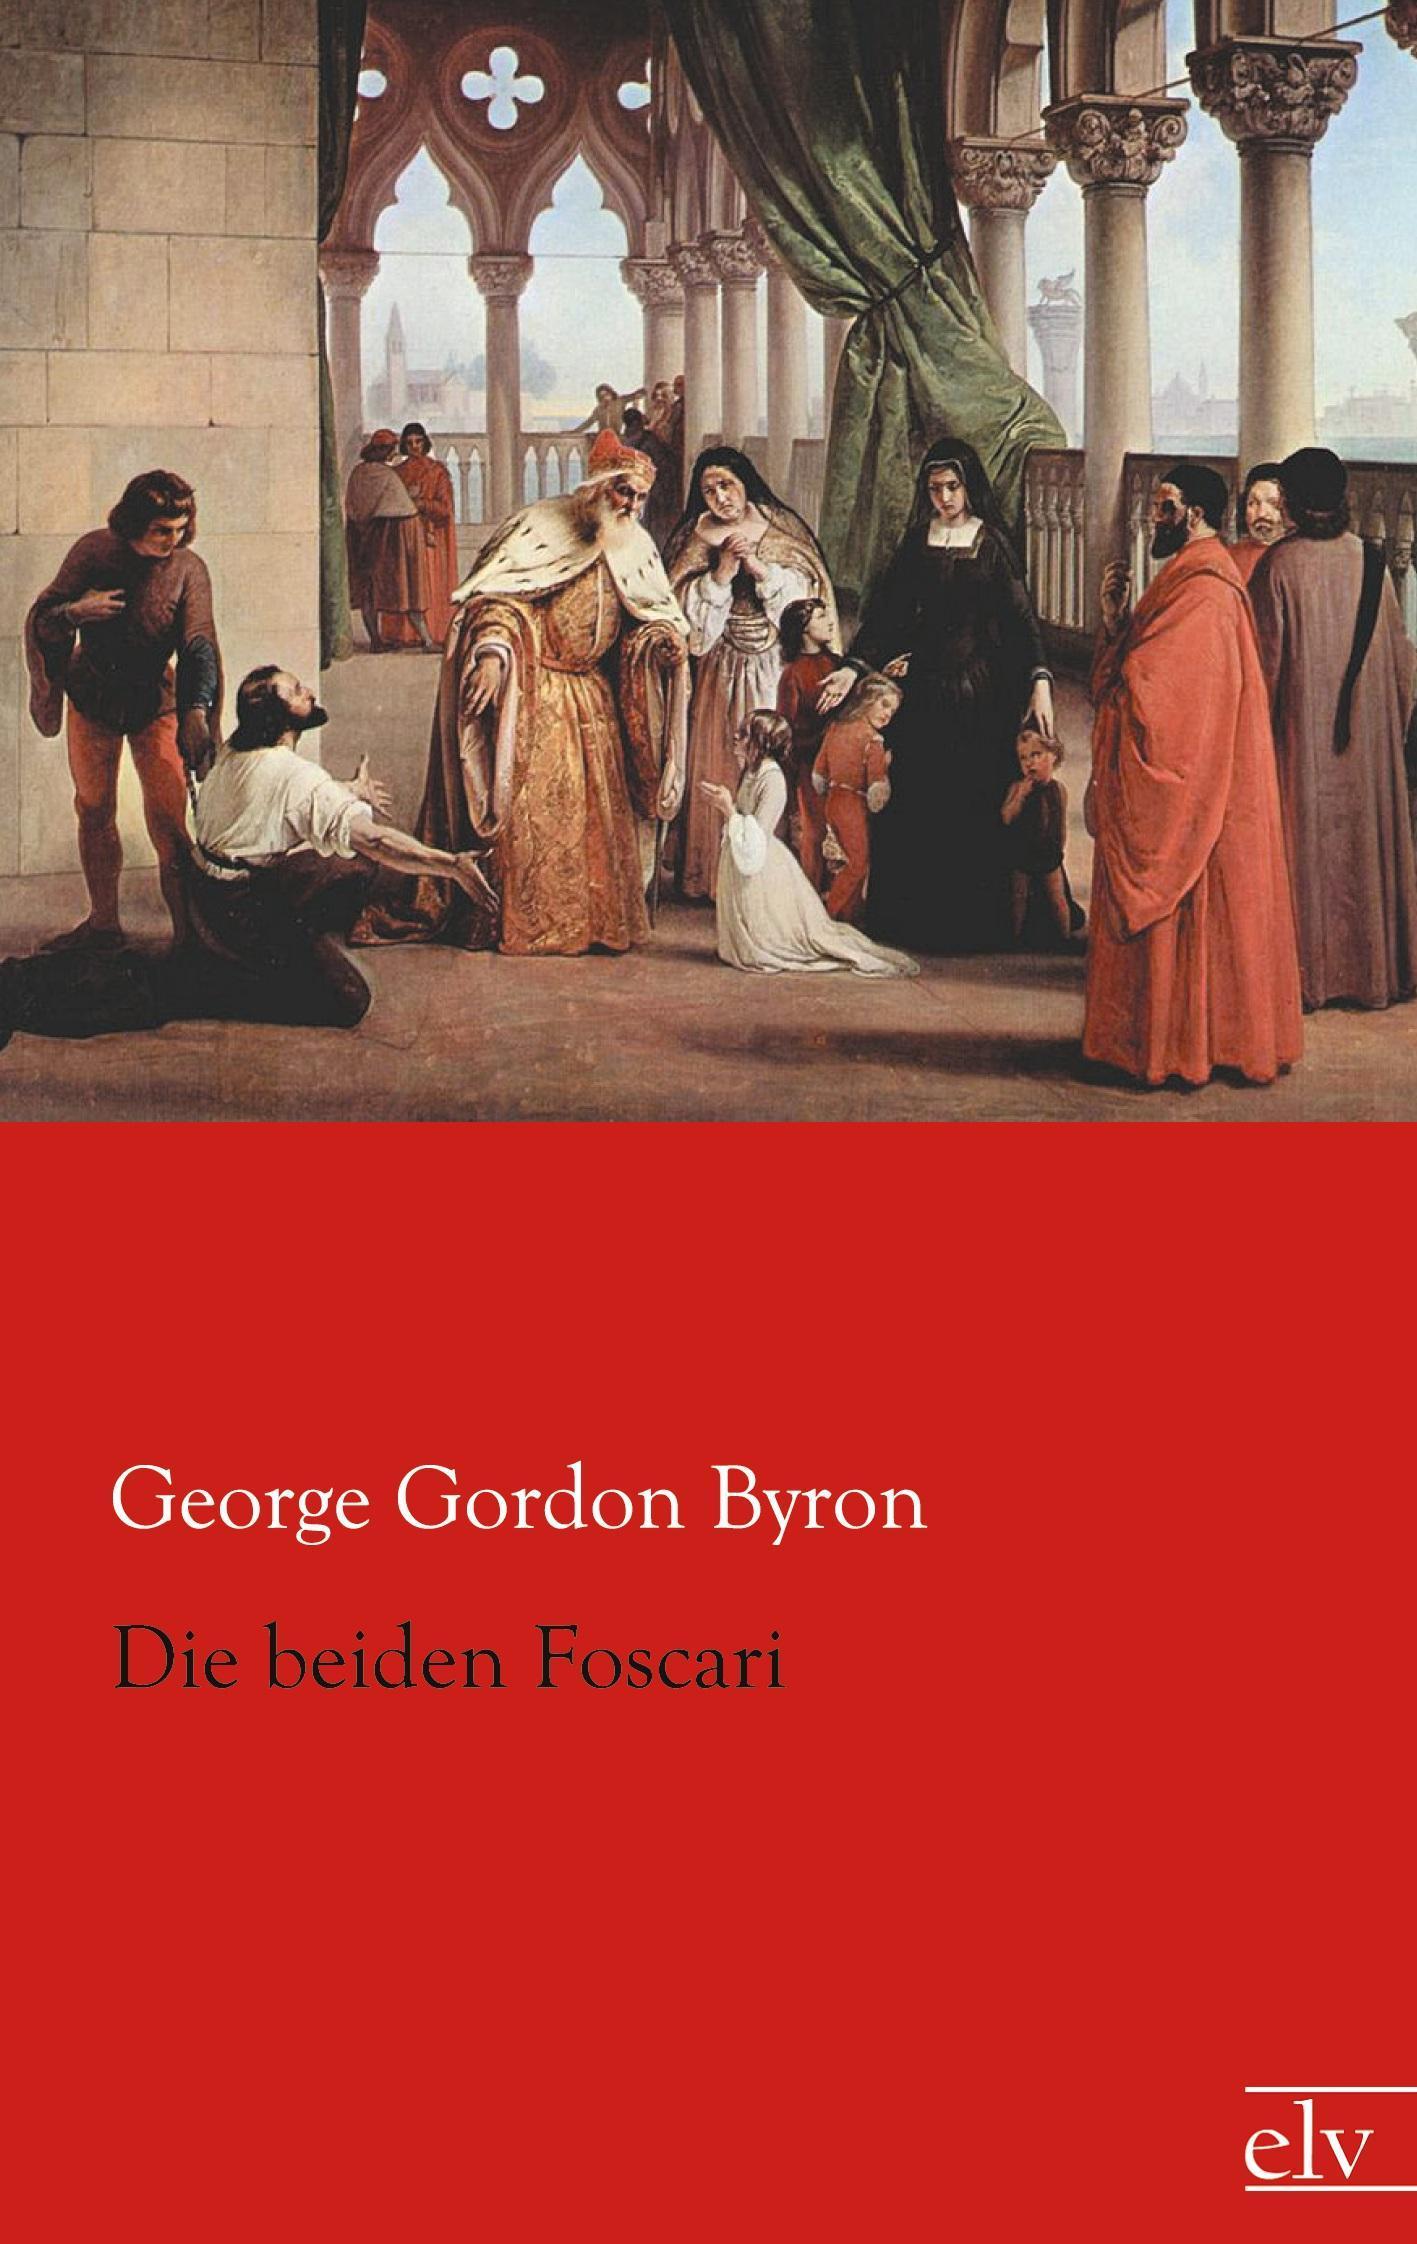 Die-beiden-Foscari-George-Gordon-Byron